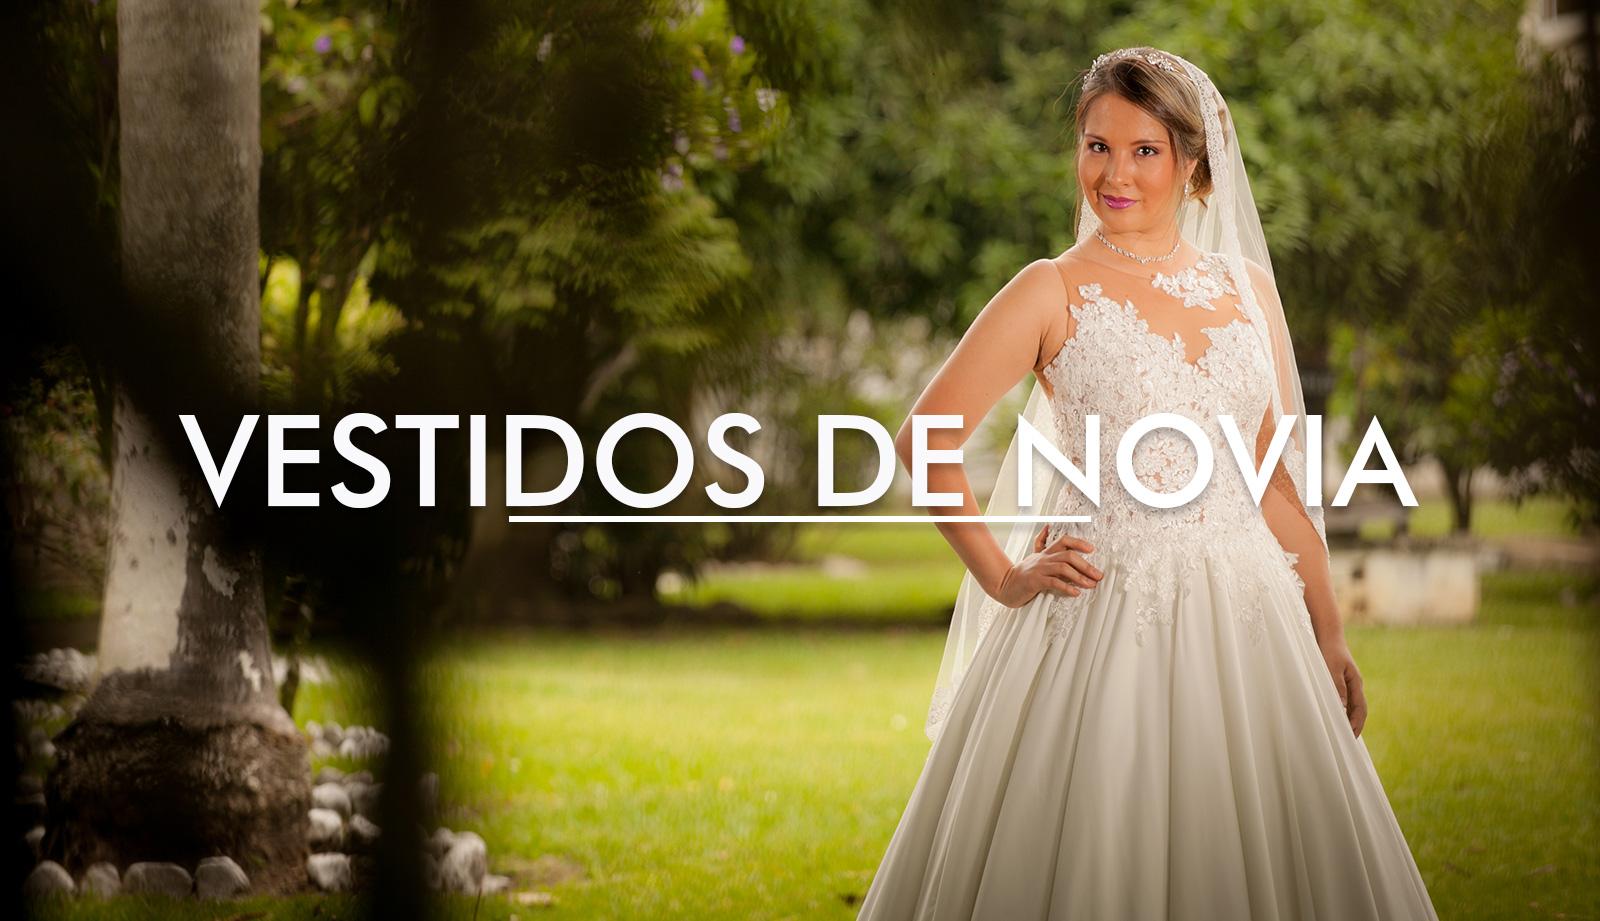 Alquiler de vestidos de boda barranquilla